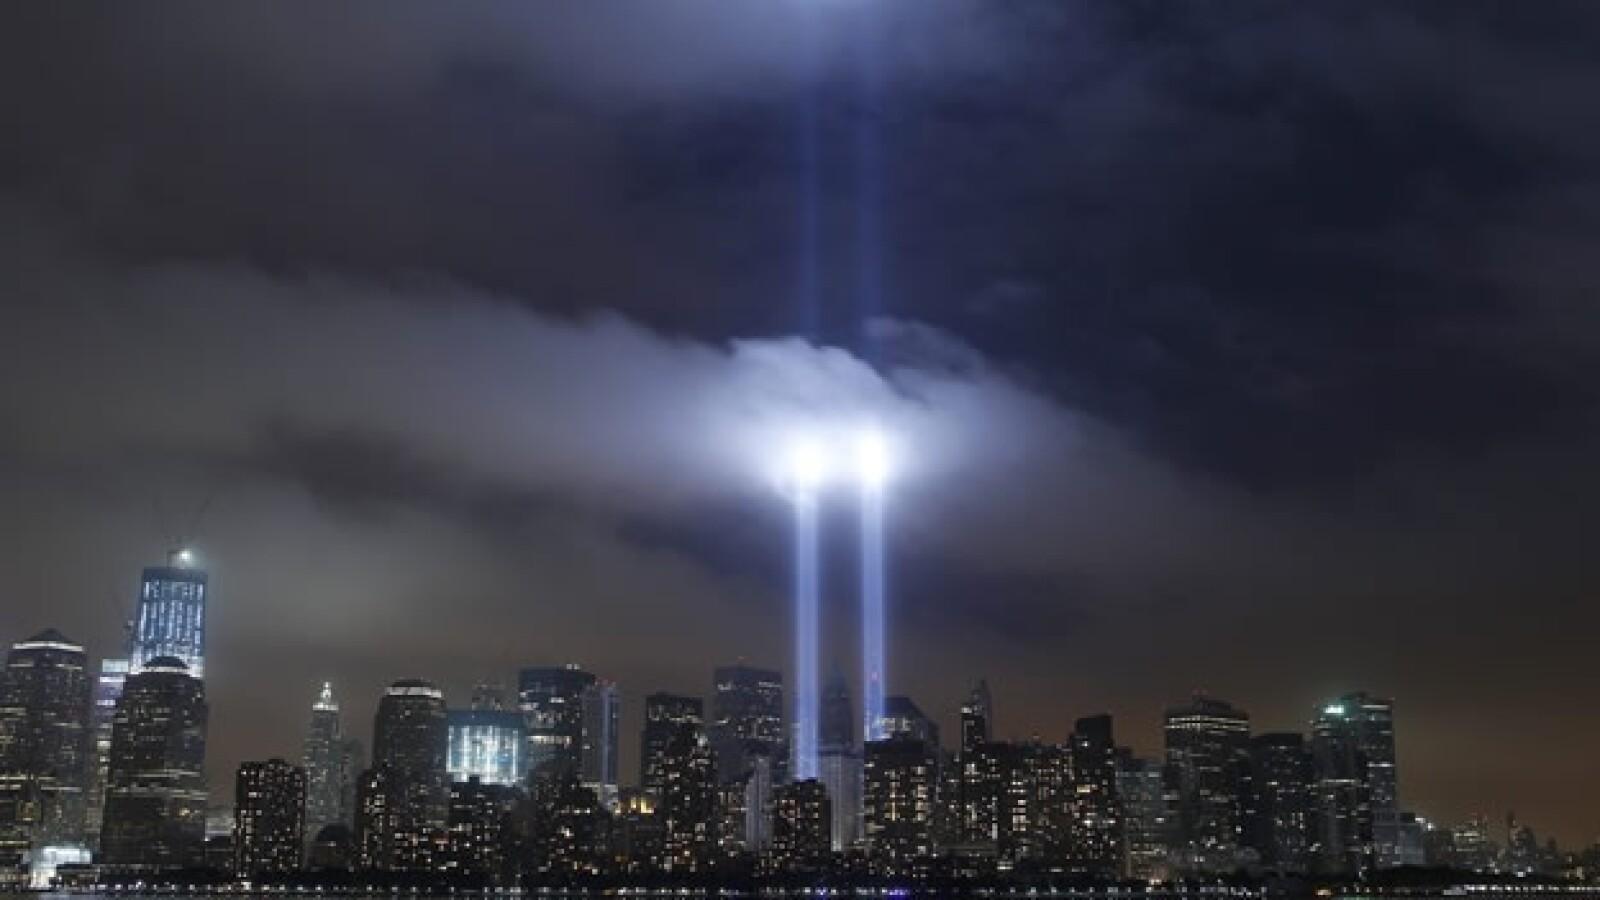 11 Septiembre Estados Unidos Ataques Terrorismo Manhattan